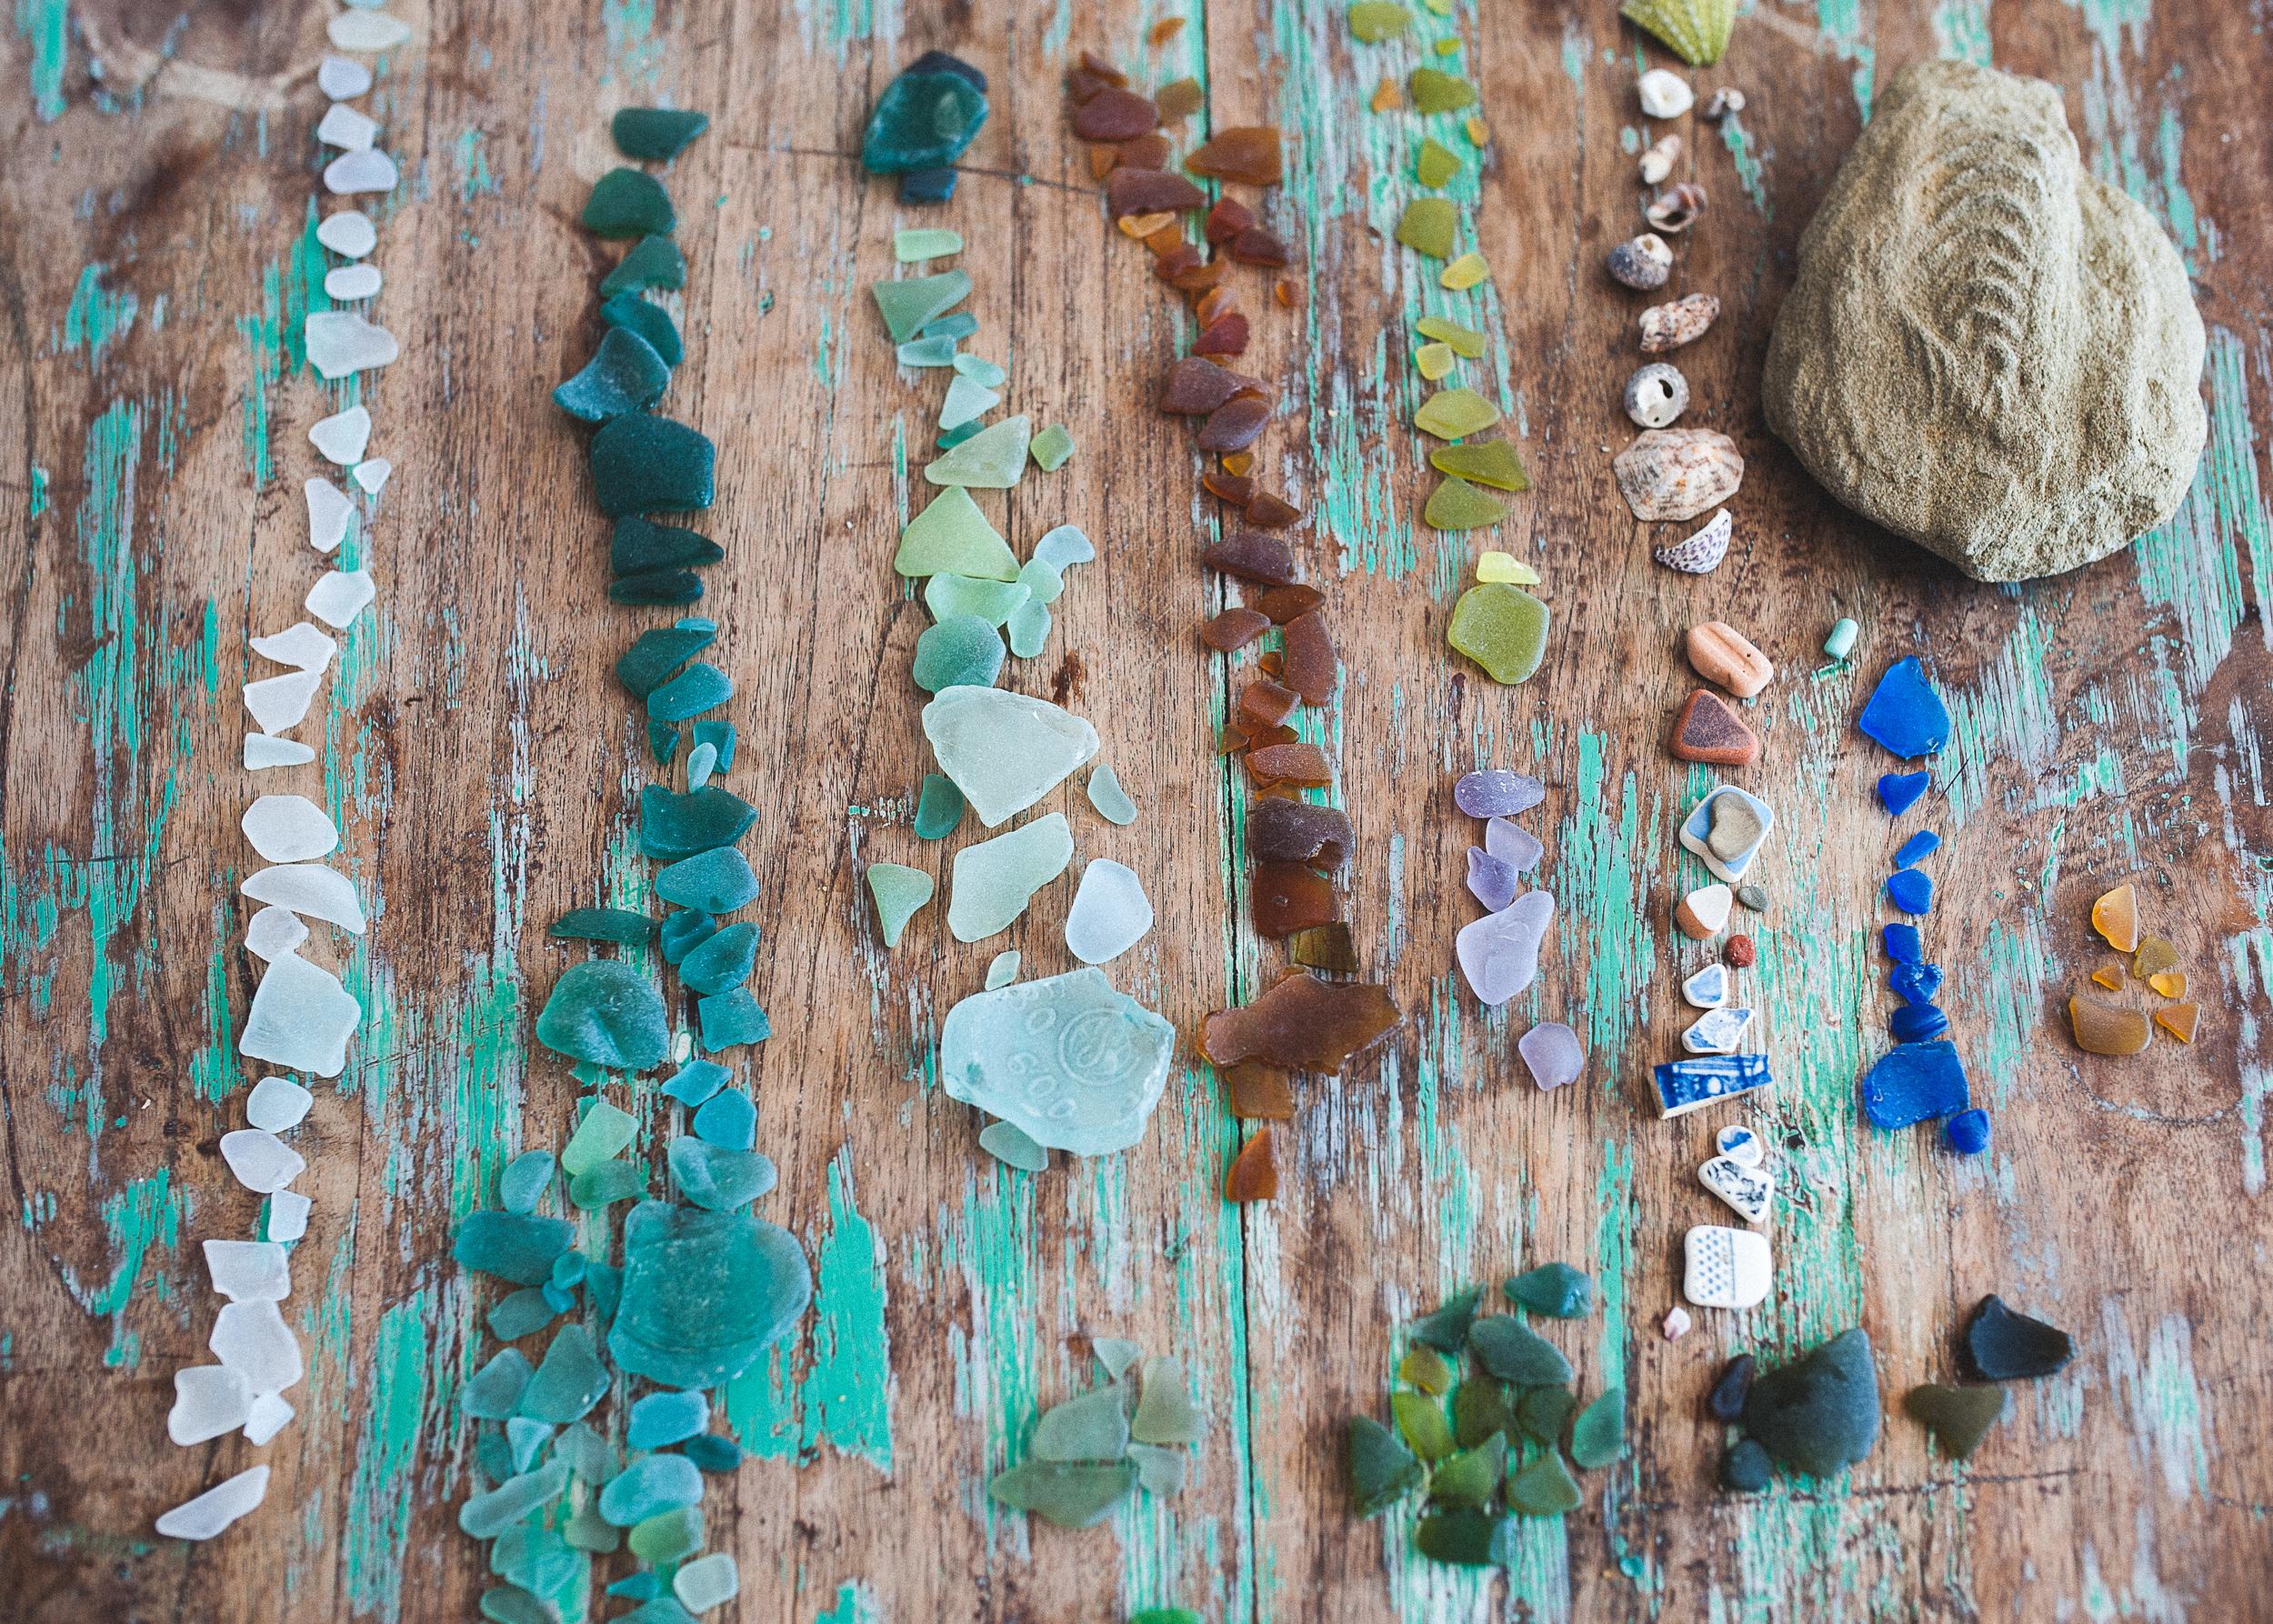 beach combing spoils